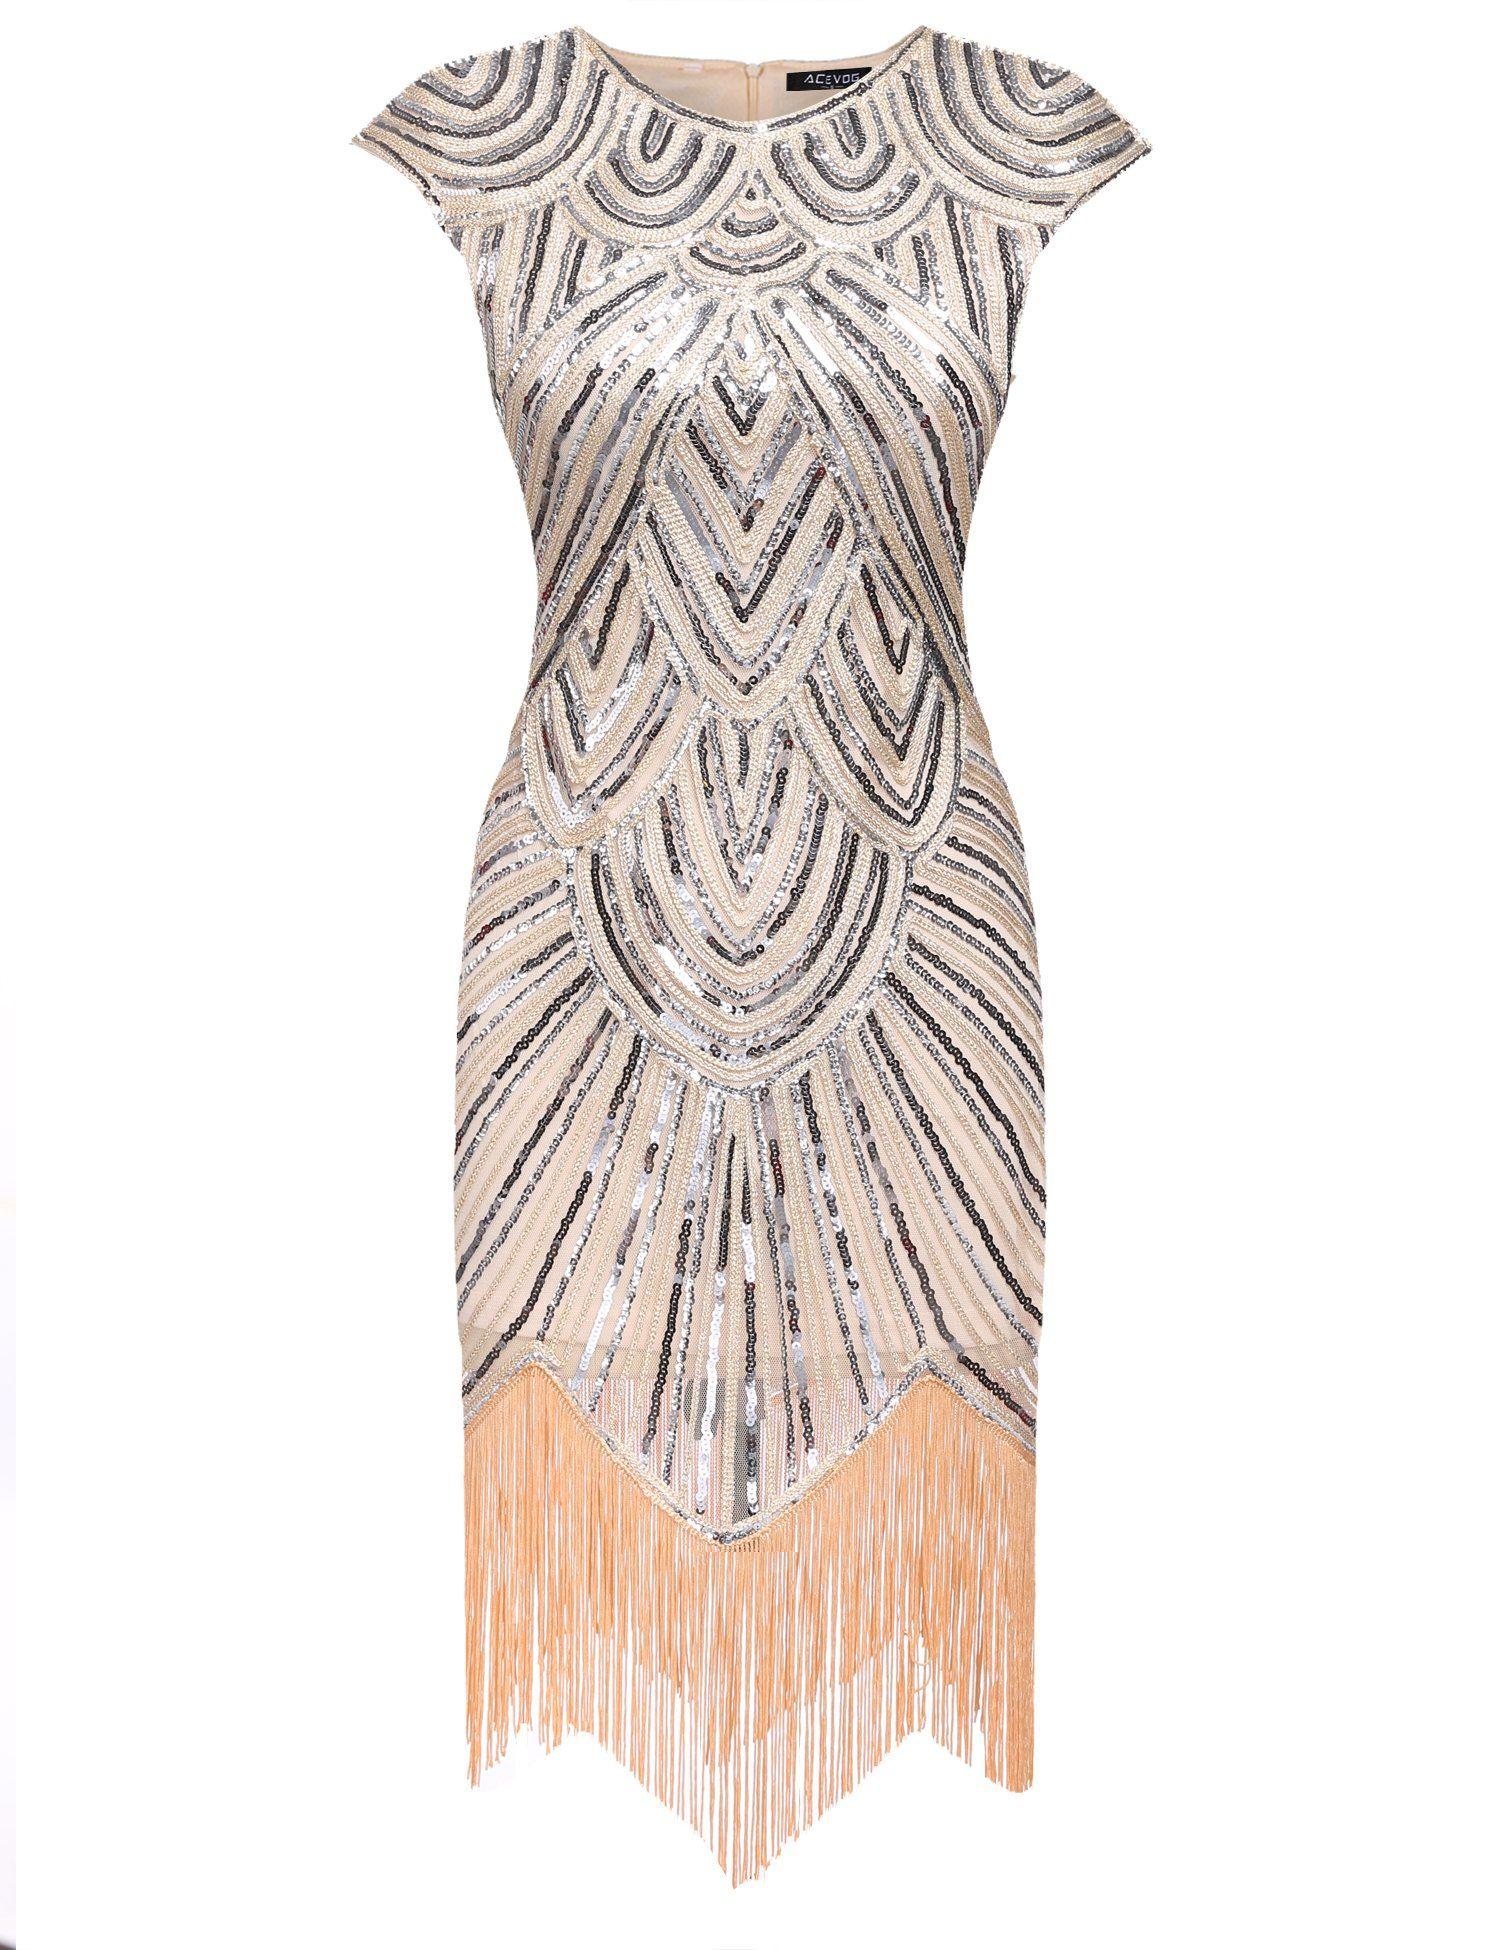 Beige 1920s Style Tassel Gatsby Flapper Dress   Style.   Pinterest